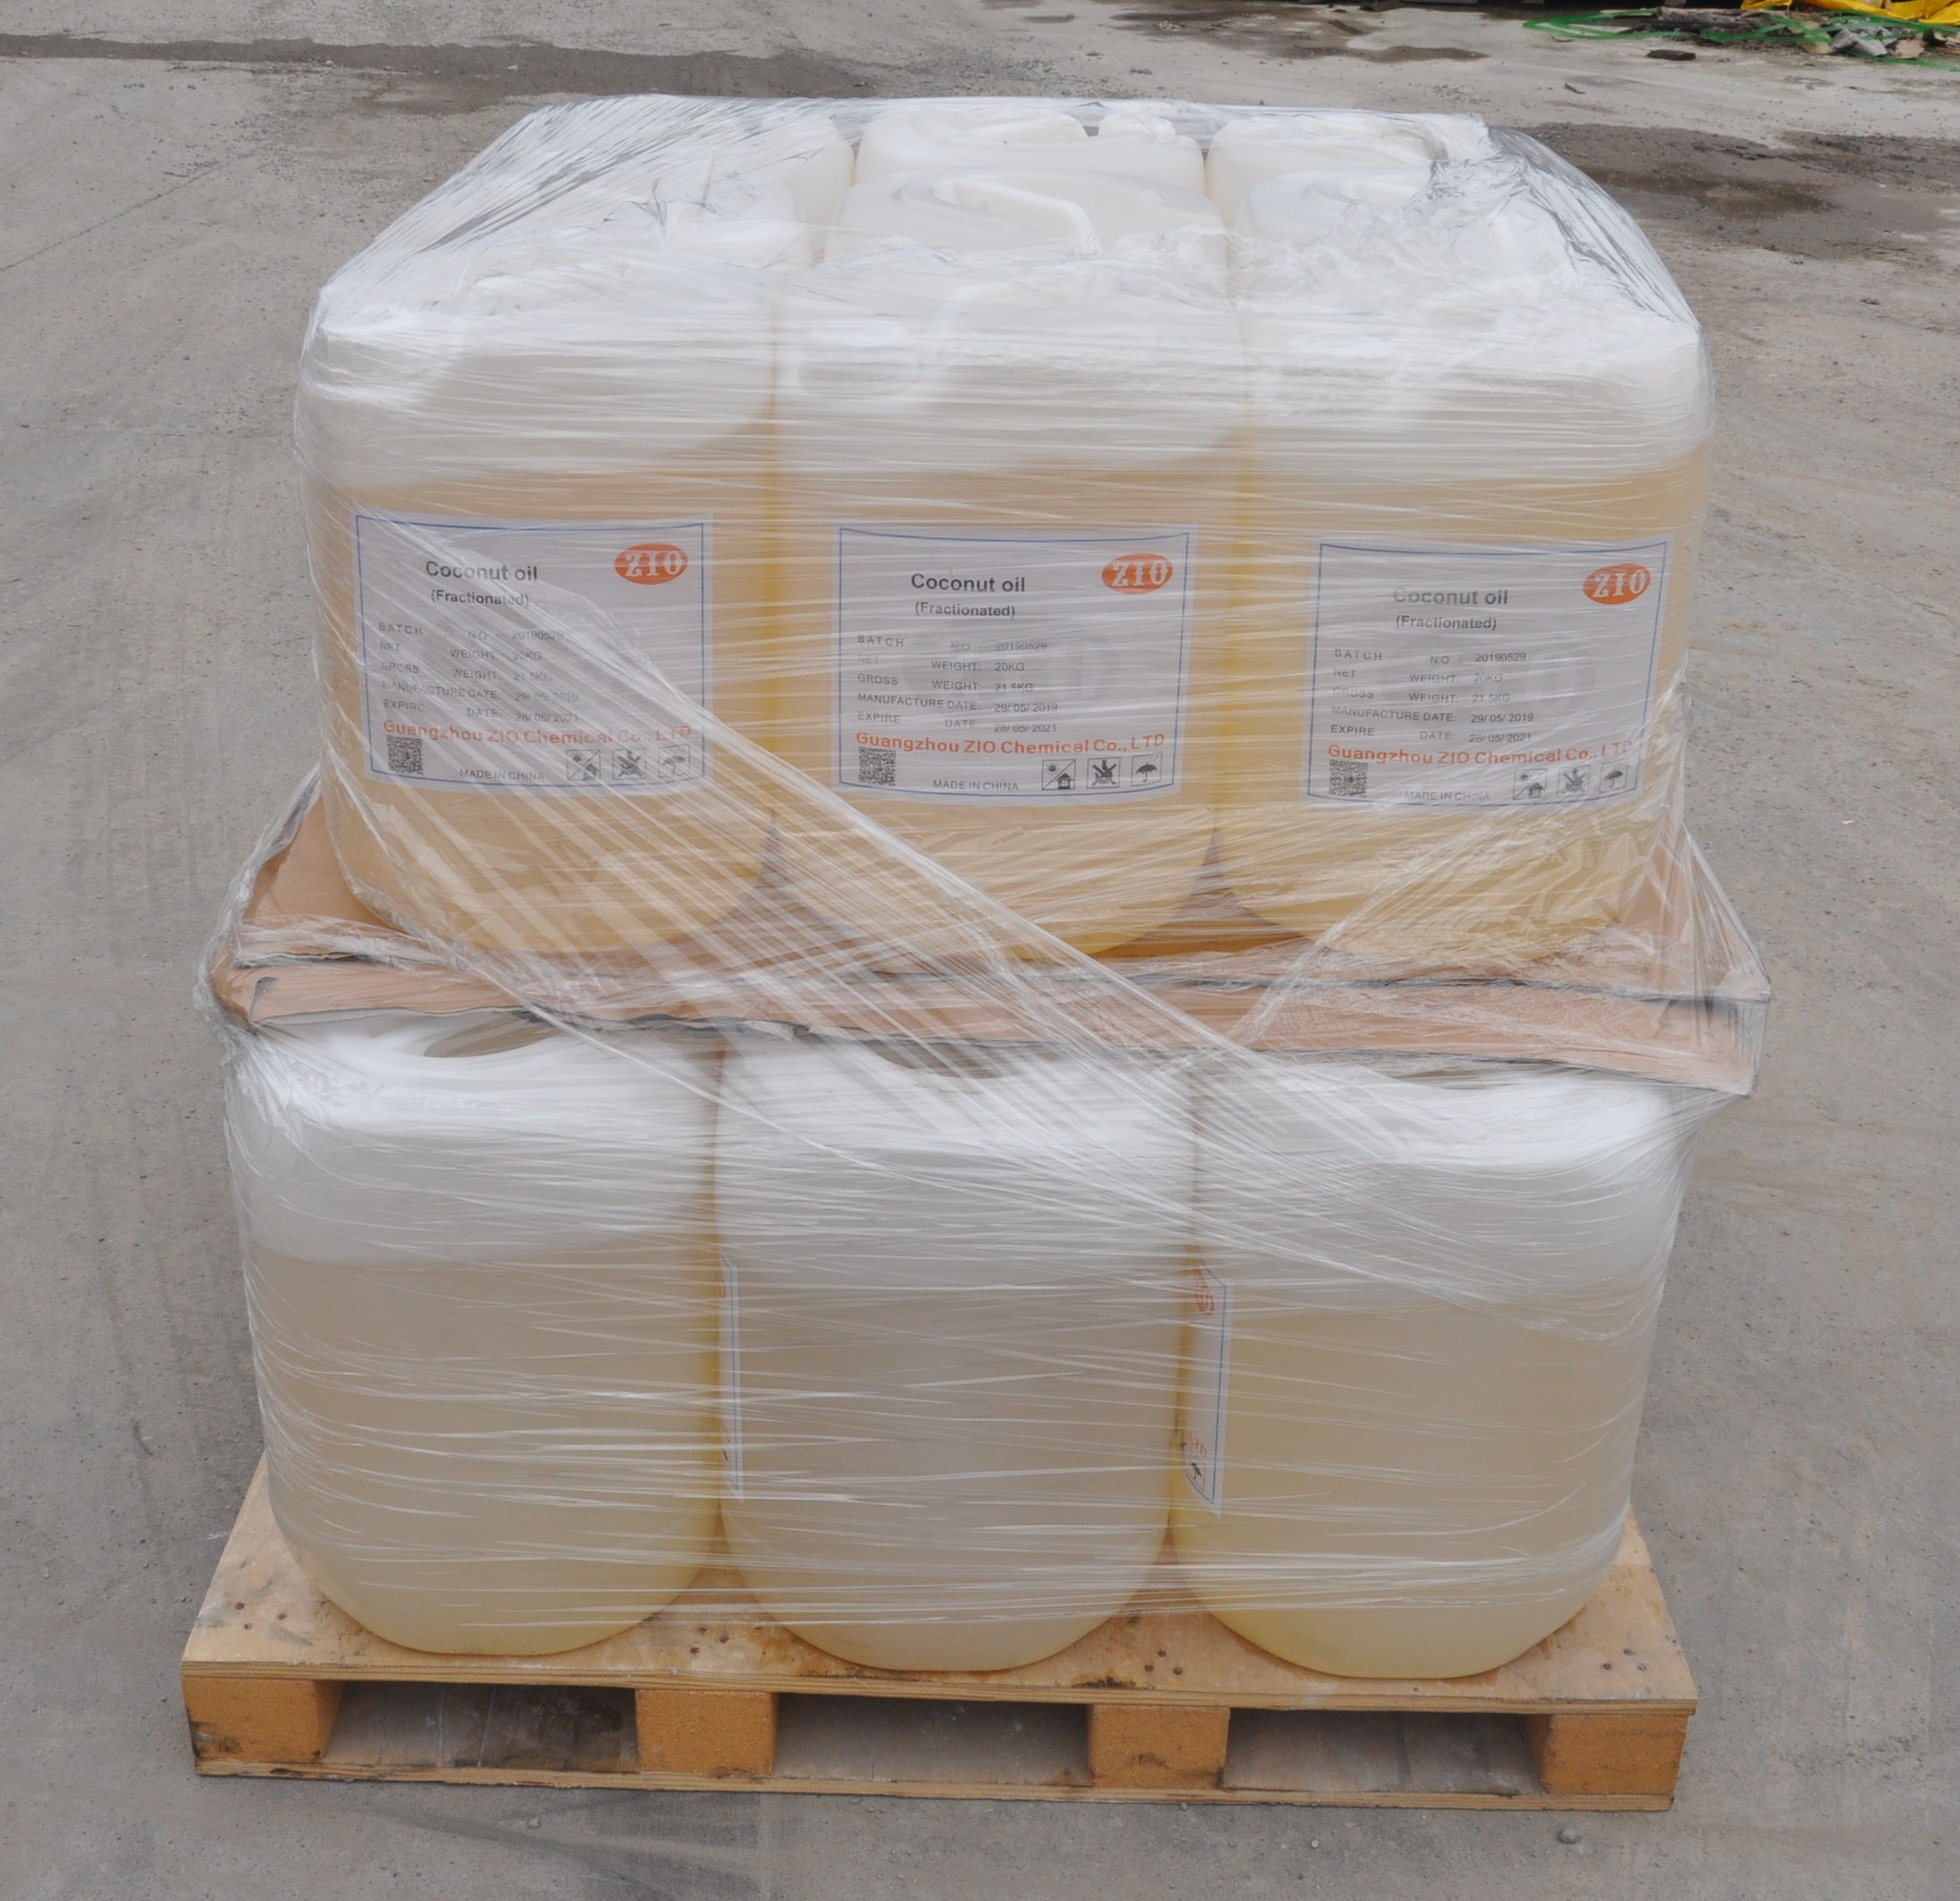 Дезодорированное кокосовое масло RBD из Индонезии